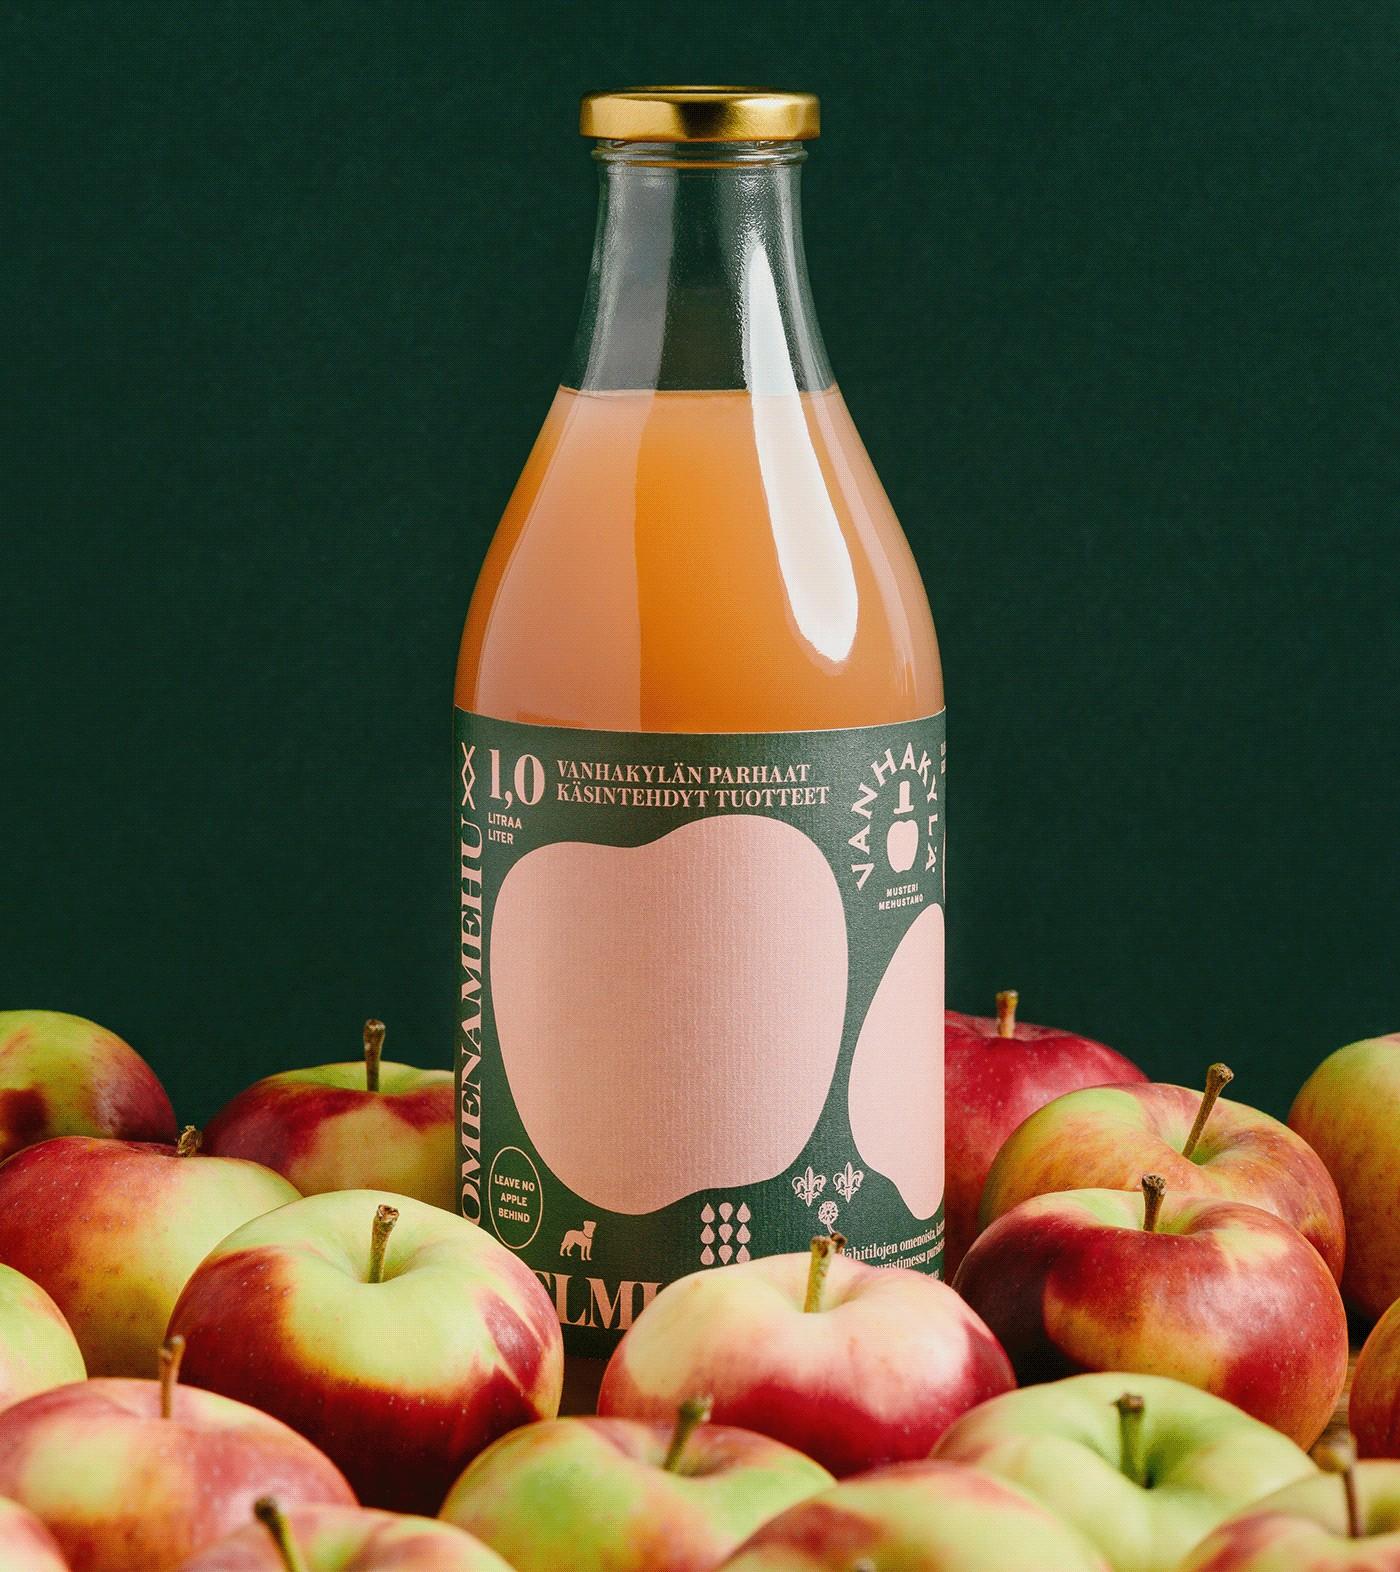 简约的水果图形!Vanhakylä果汁包装设计